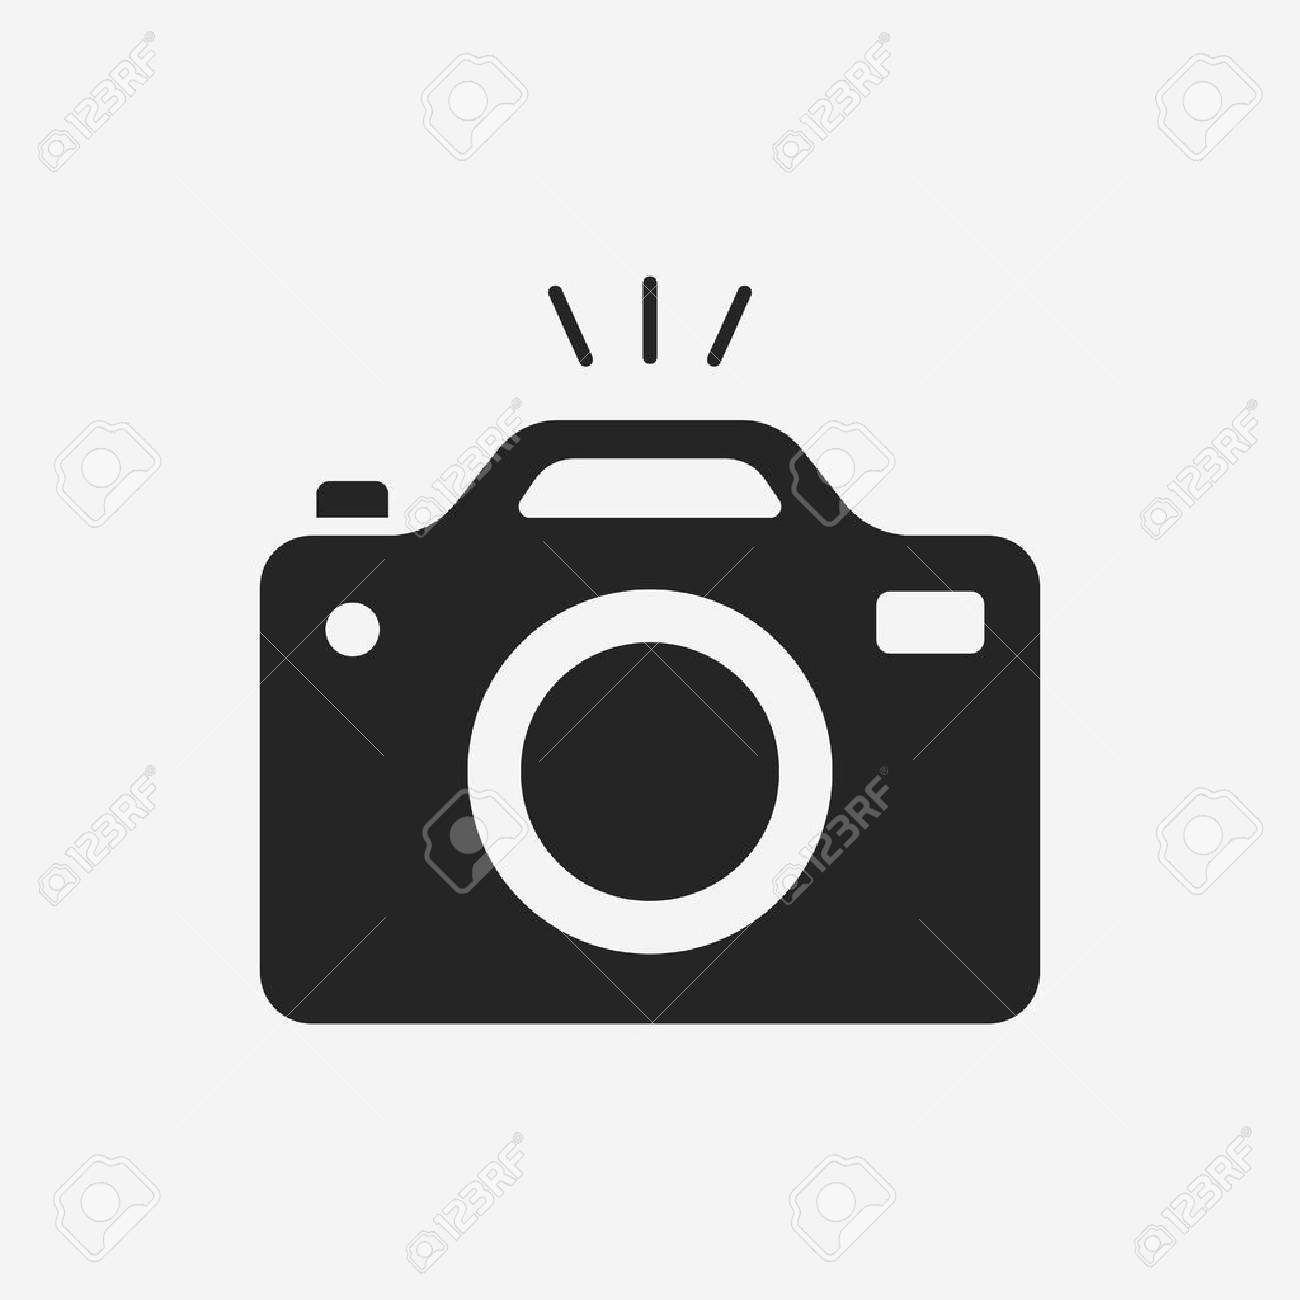 Zwart wit foto royalty vrije foto's, plaatjes, beelden en stock ...